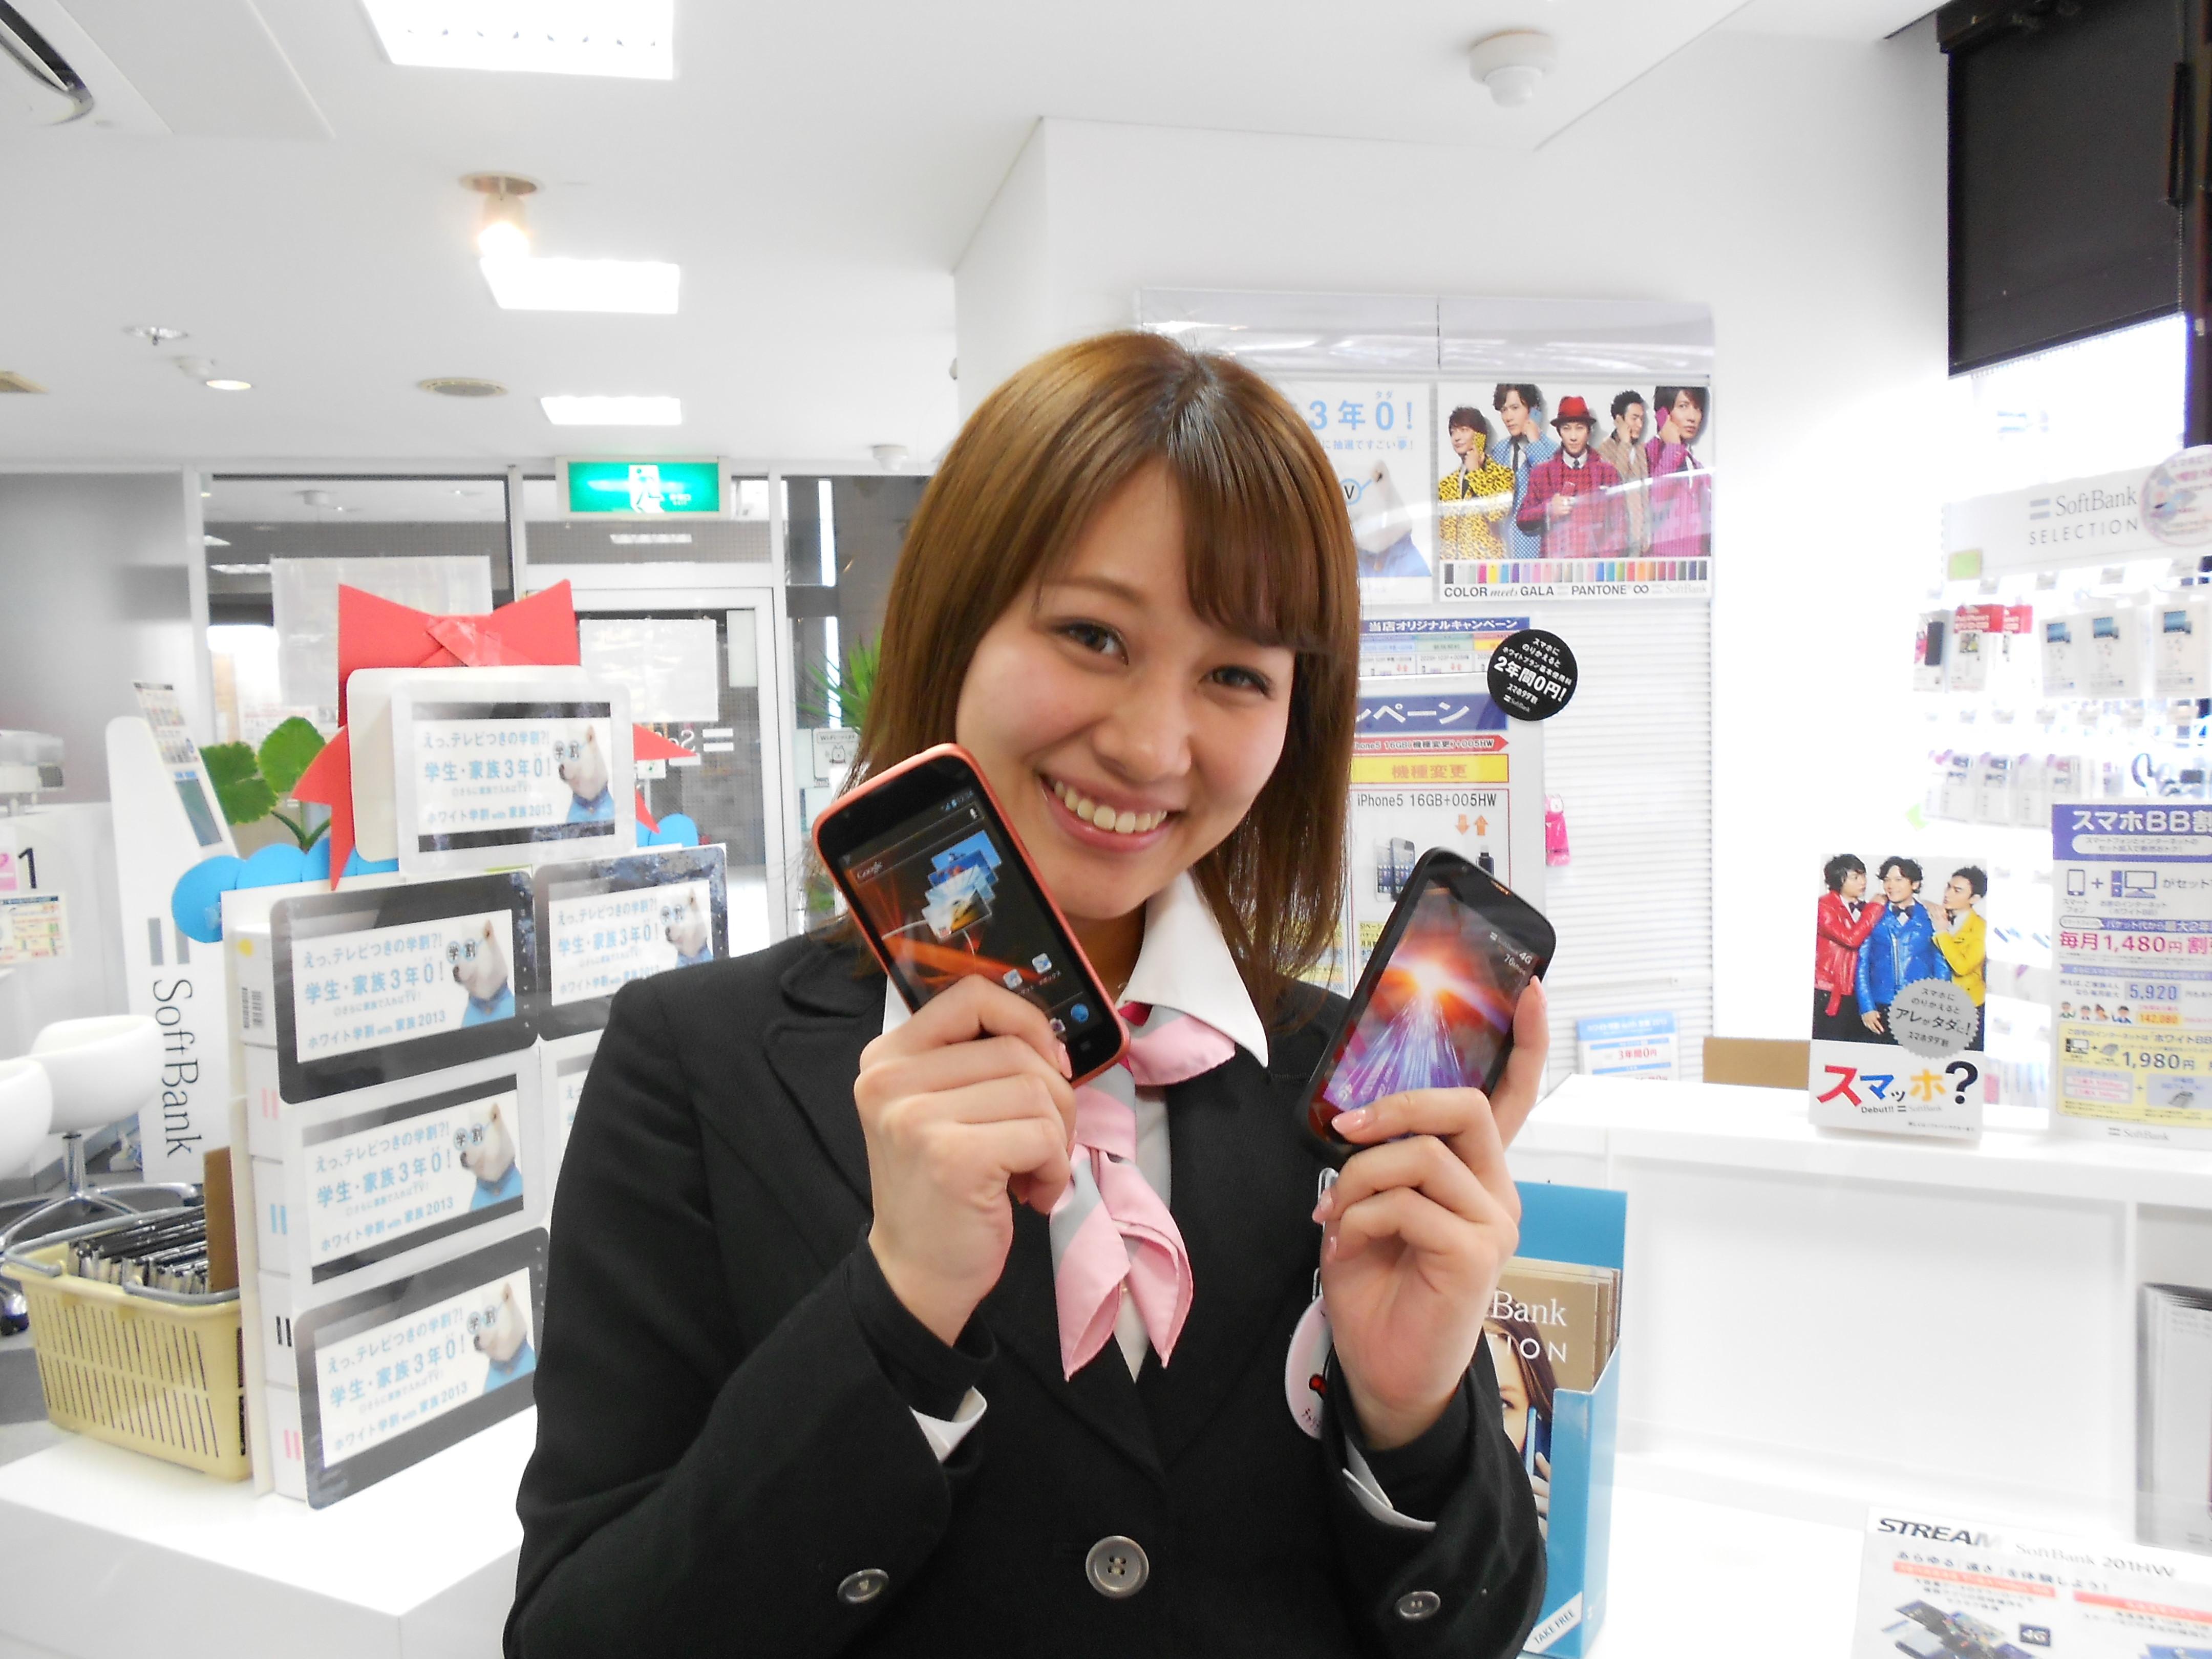 ソフトバンク 川崎大師(株式会社シエロ)のアルバイト情報